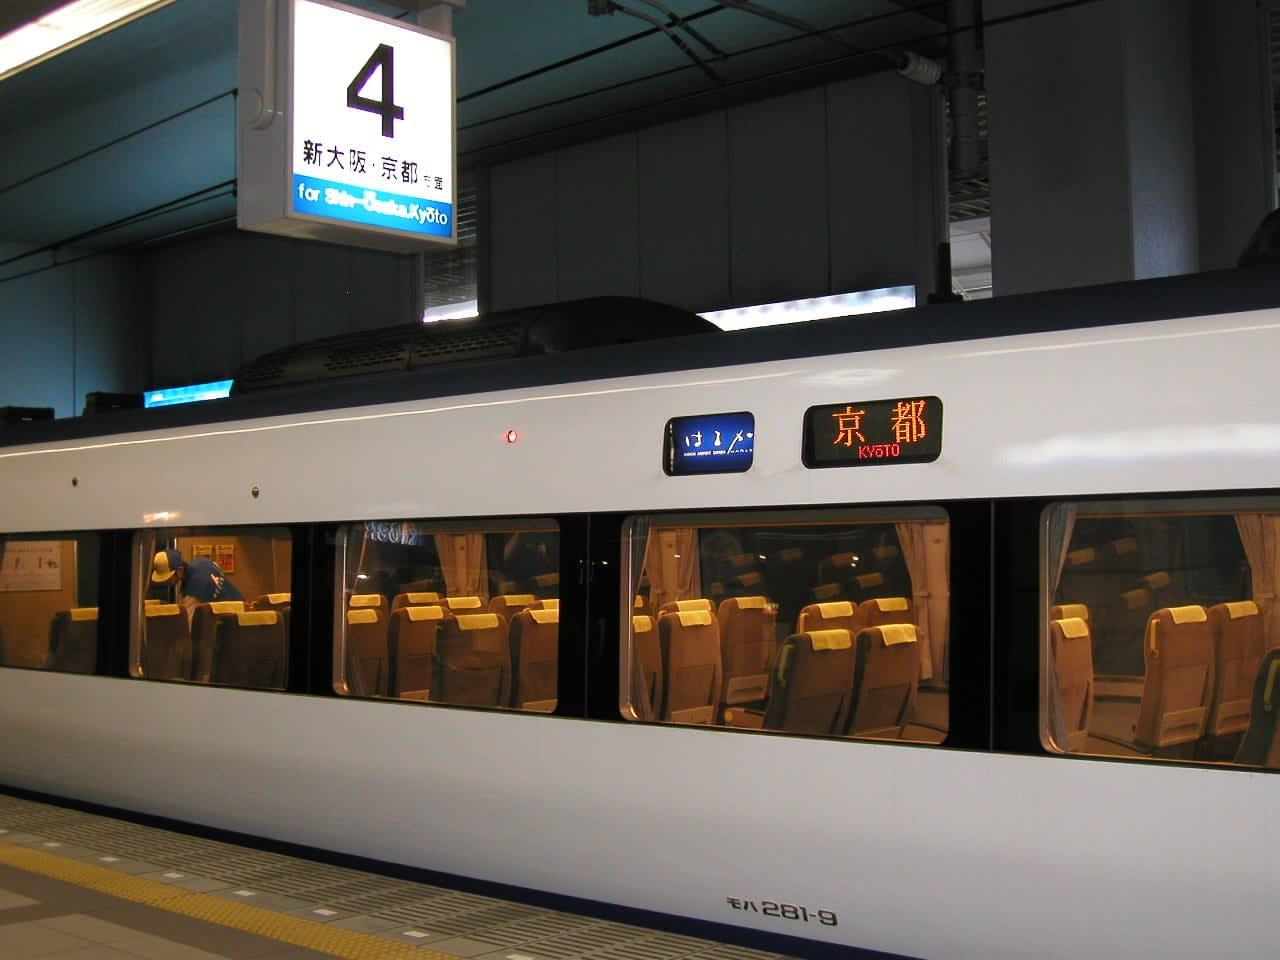 tàu điện ngầm tại nhật bản